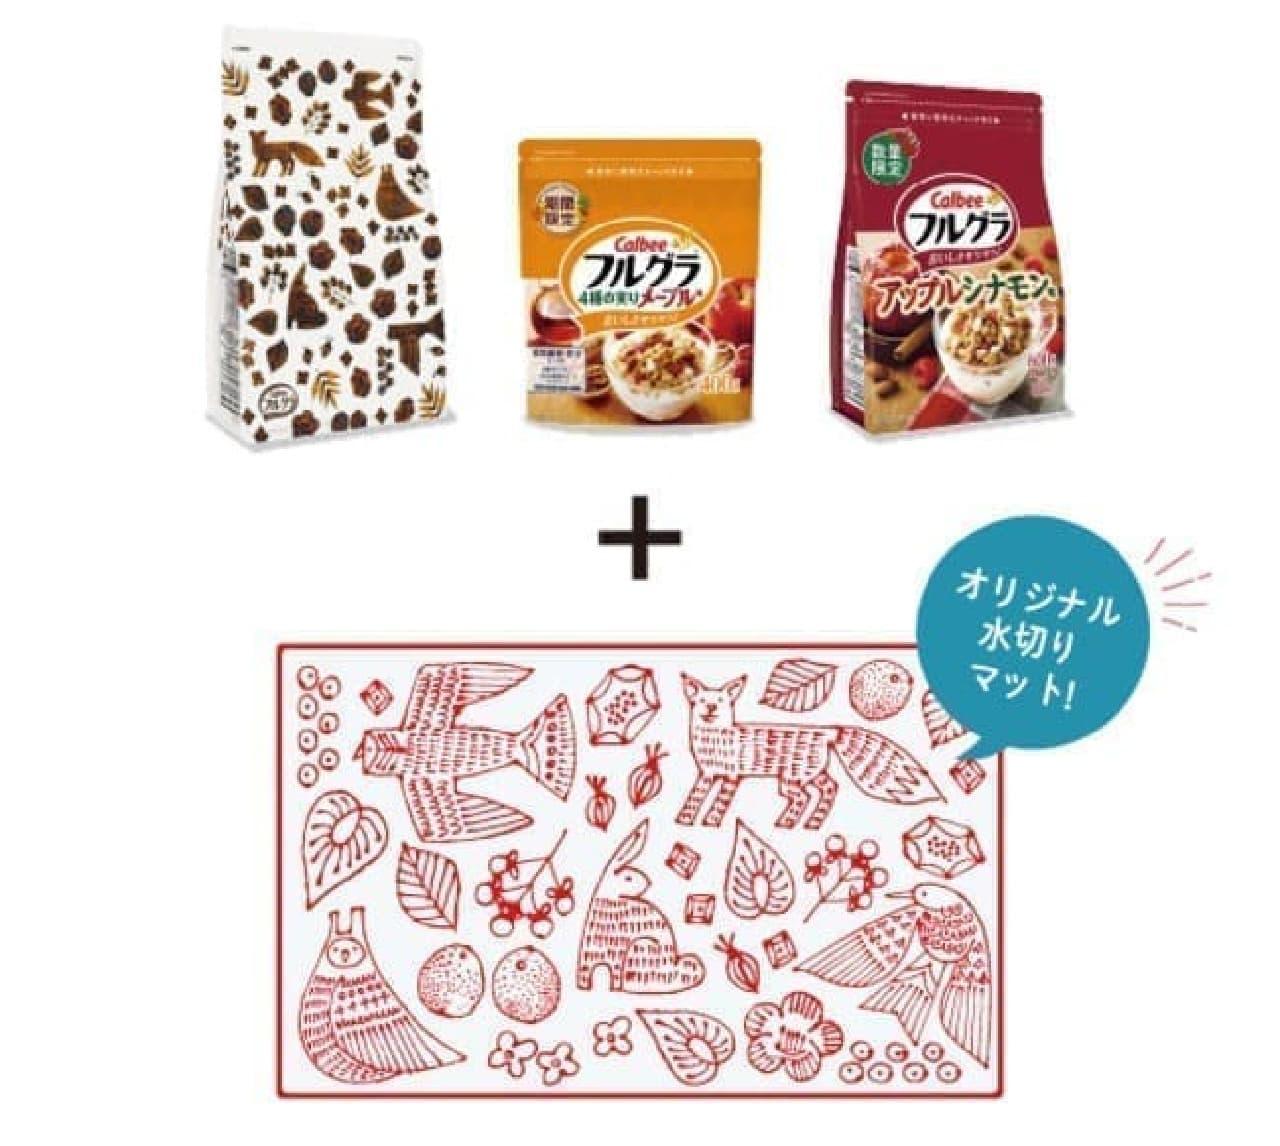 カルビーマルシェ「フルグラ詰め合わせ+オリジナル水切りマットセット」